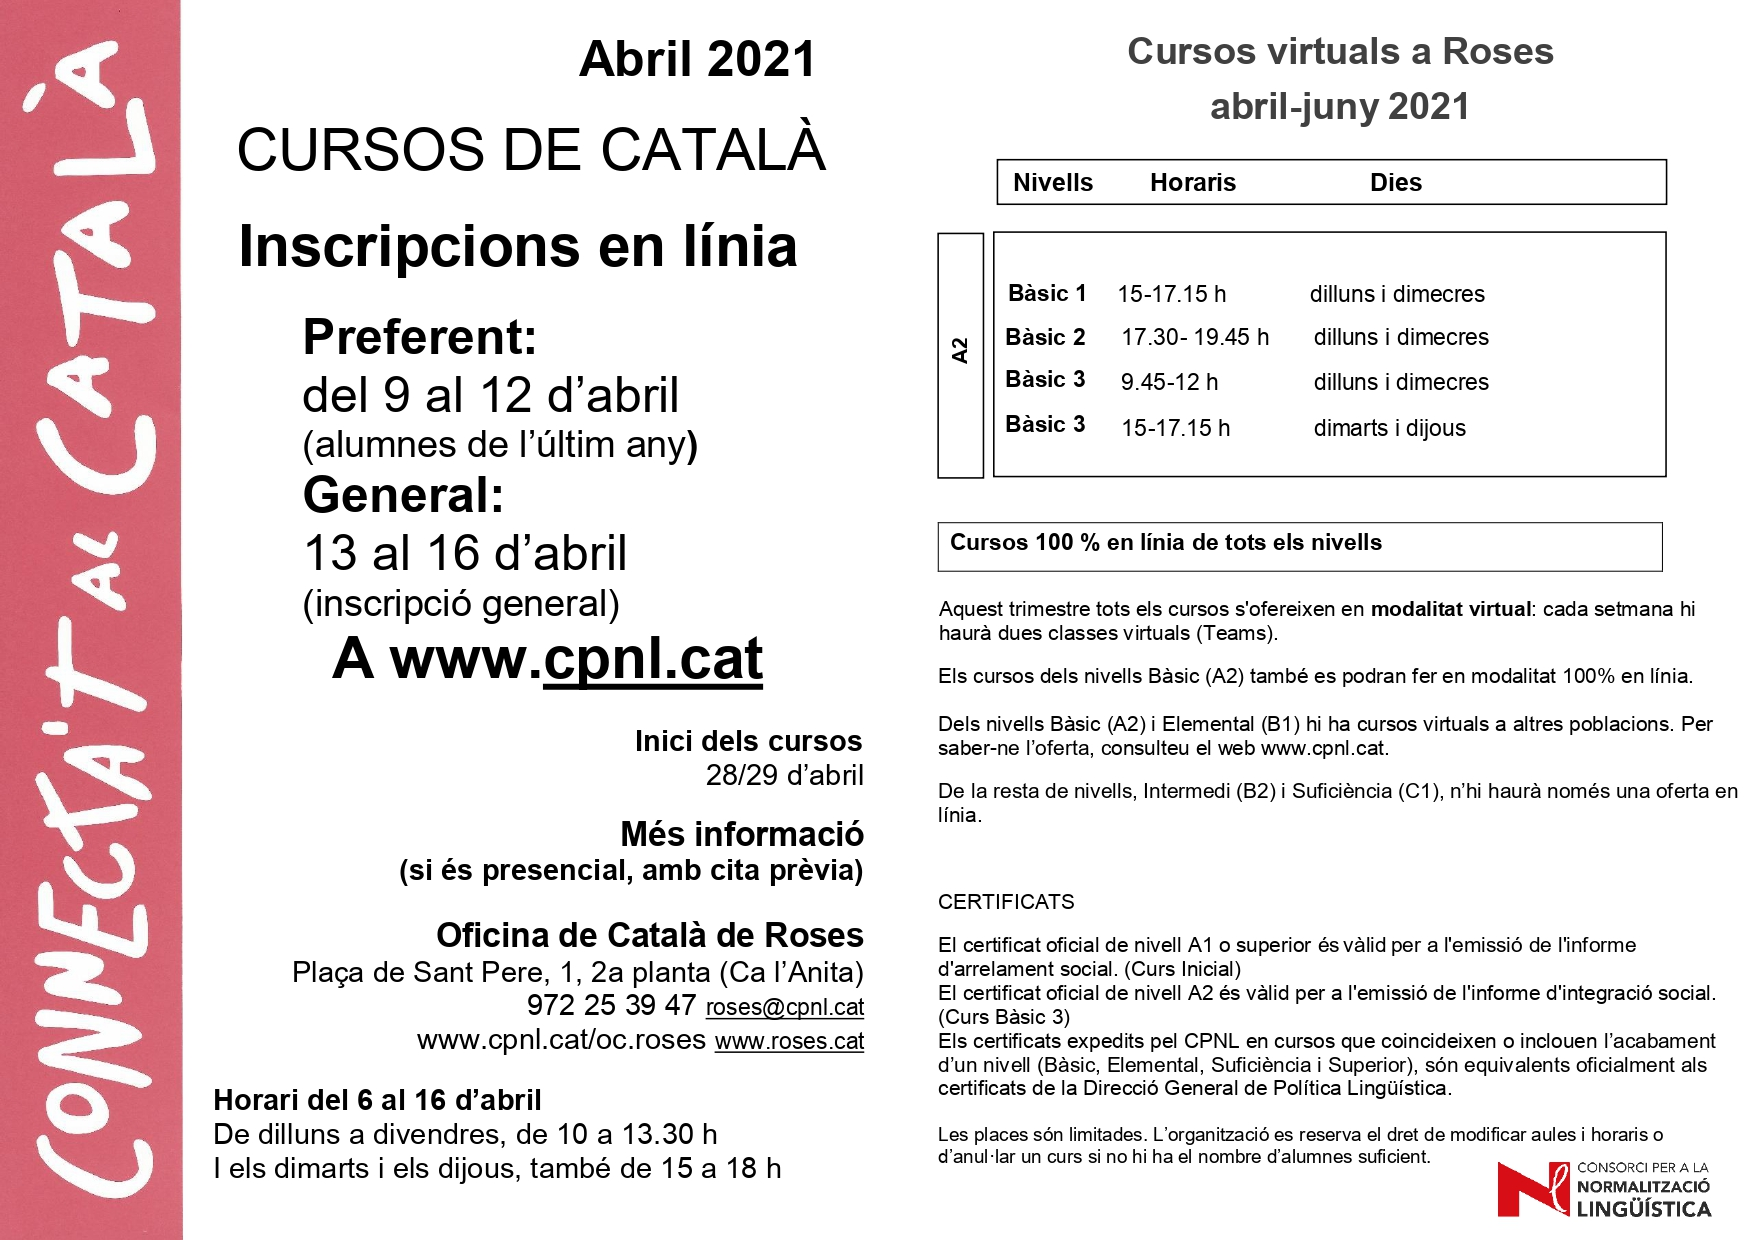 S'obren les inscripcions per als cursos de català d'abril-juny